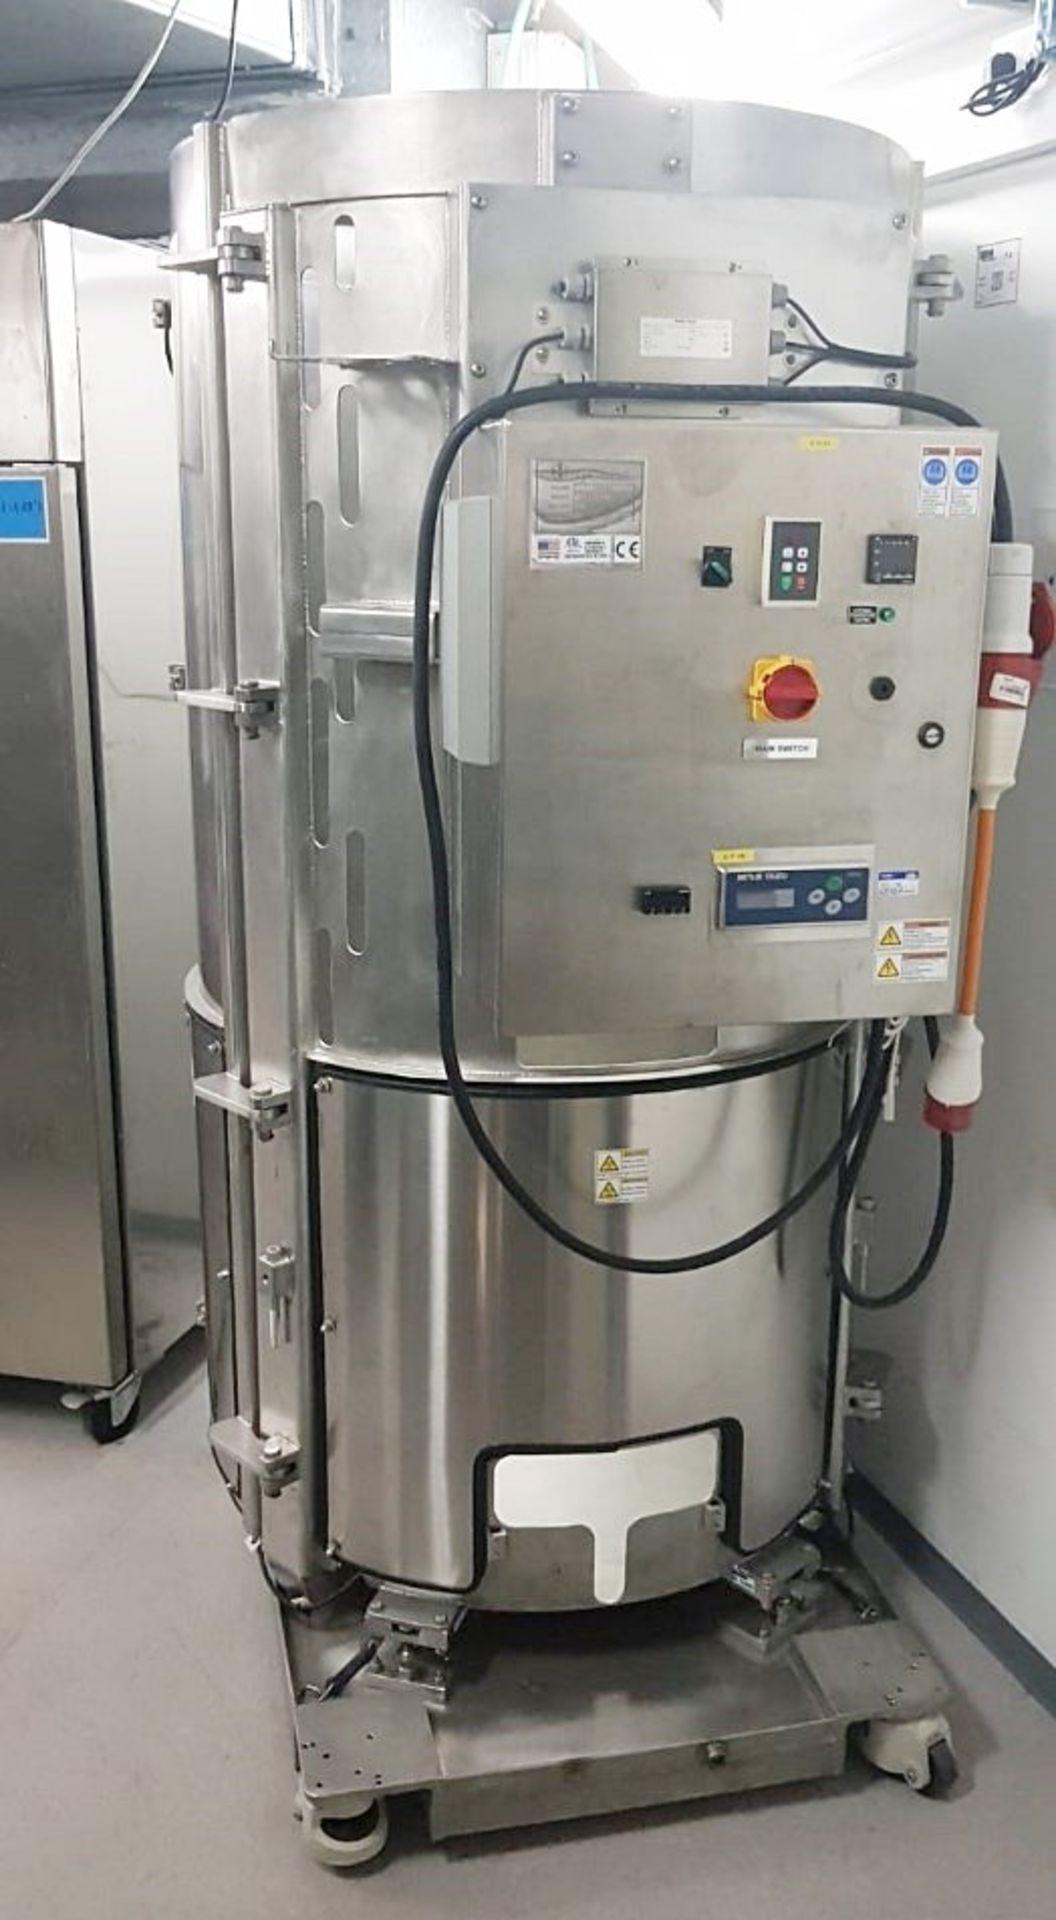 Lot 2566 - 1 x THERMO SCIENTIFIC HyClone Single Use Bioreactor (S.U.B.), 1000L - Laboratory Closure - Ref: